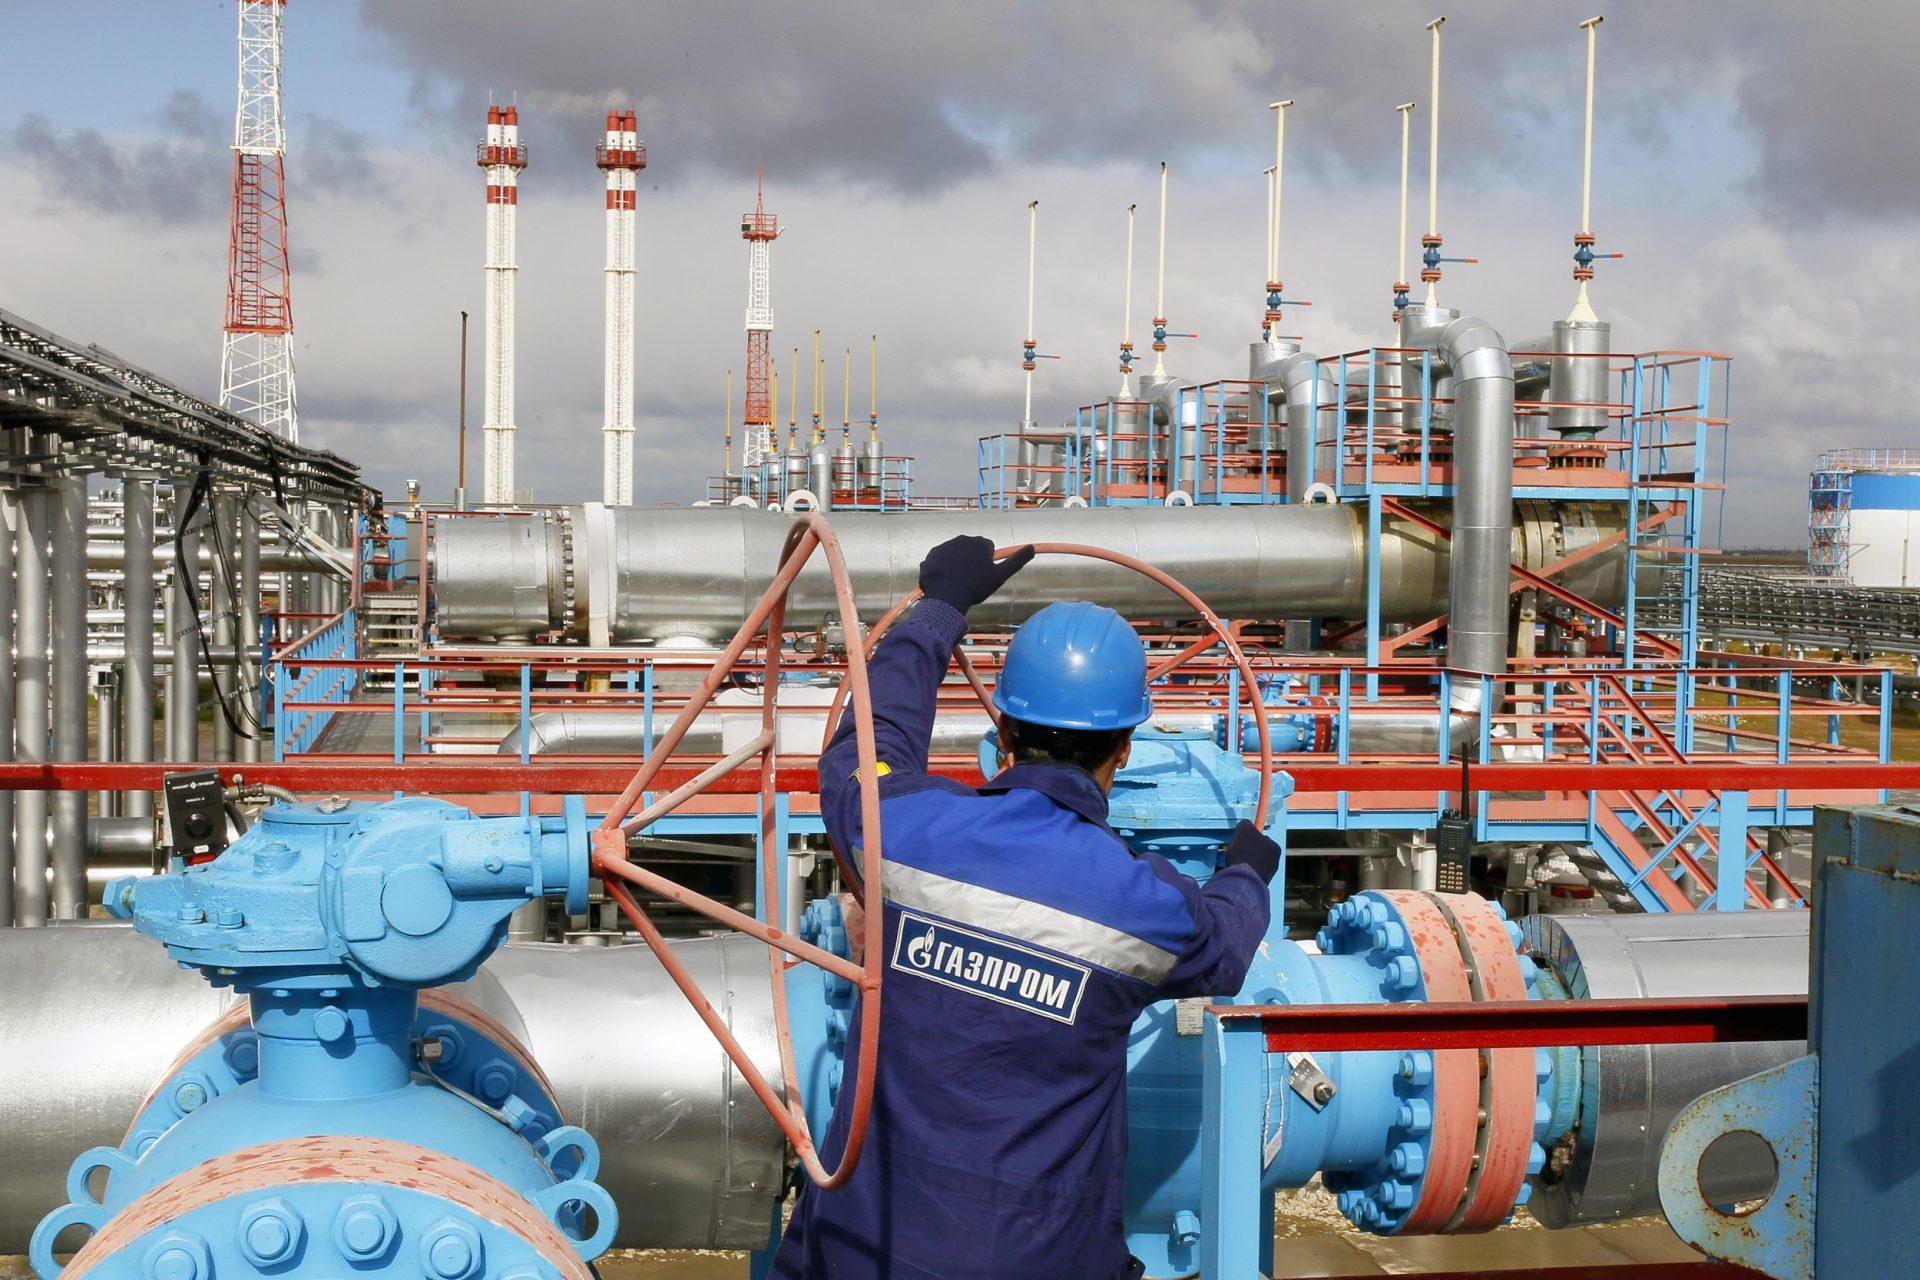 Gazprom Razmatra Prekid Ugovora O Snabdijevanju Ukrajine Gasom